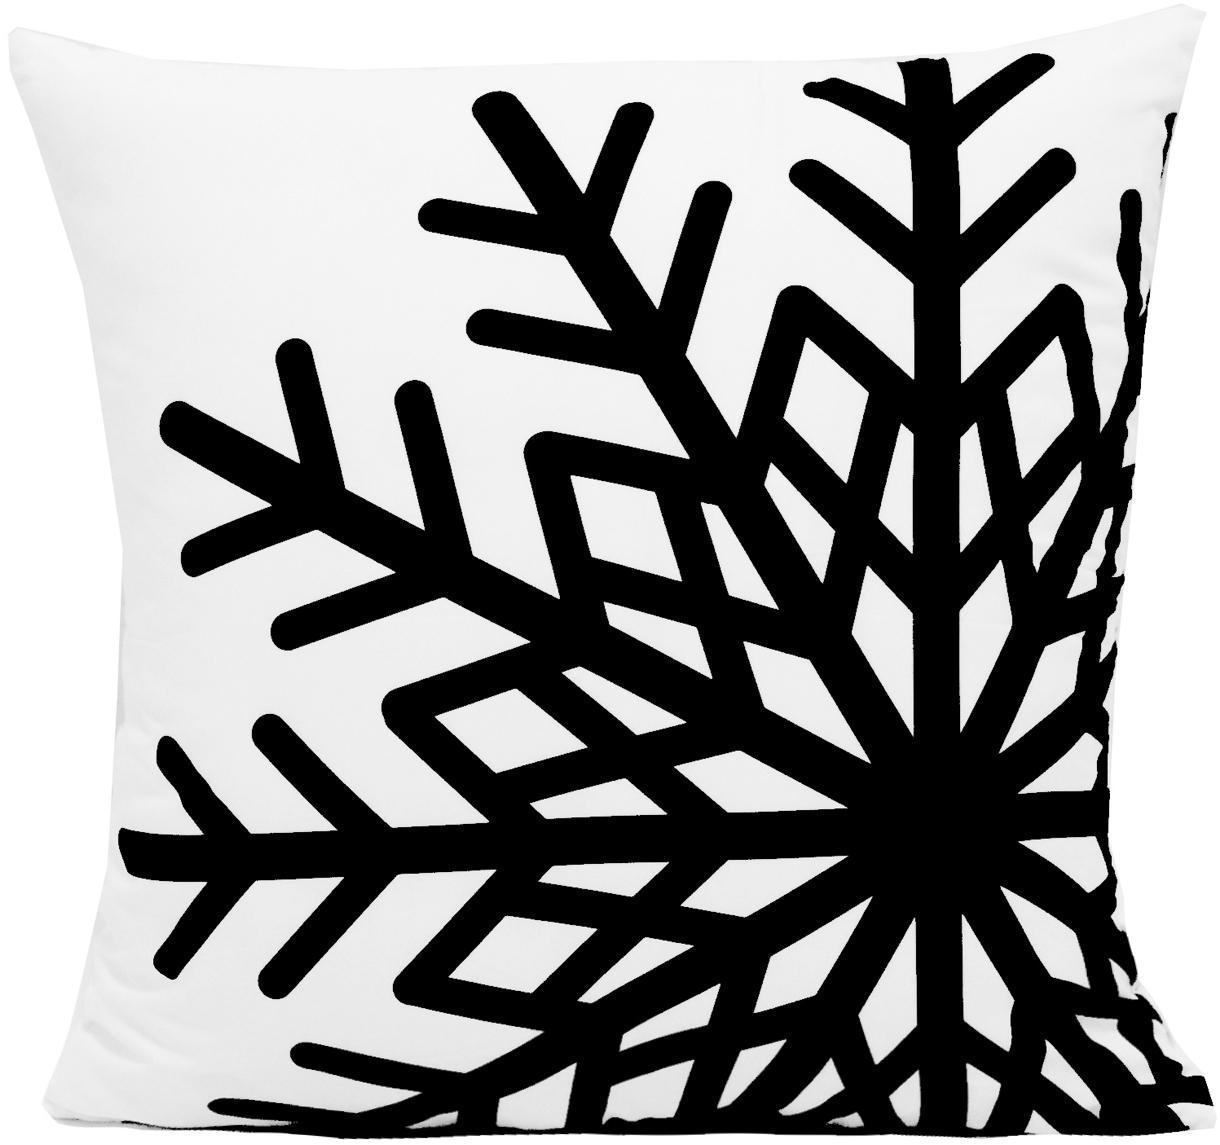 Kissenhülle Snowflake mit Schneeflockenmotiv, Polyester, Schwarz, Weiß, 45 x 45 cm